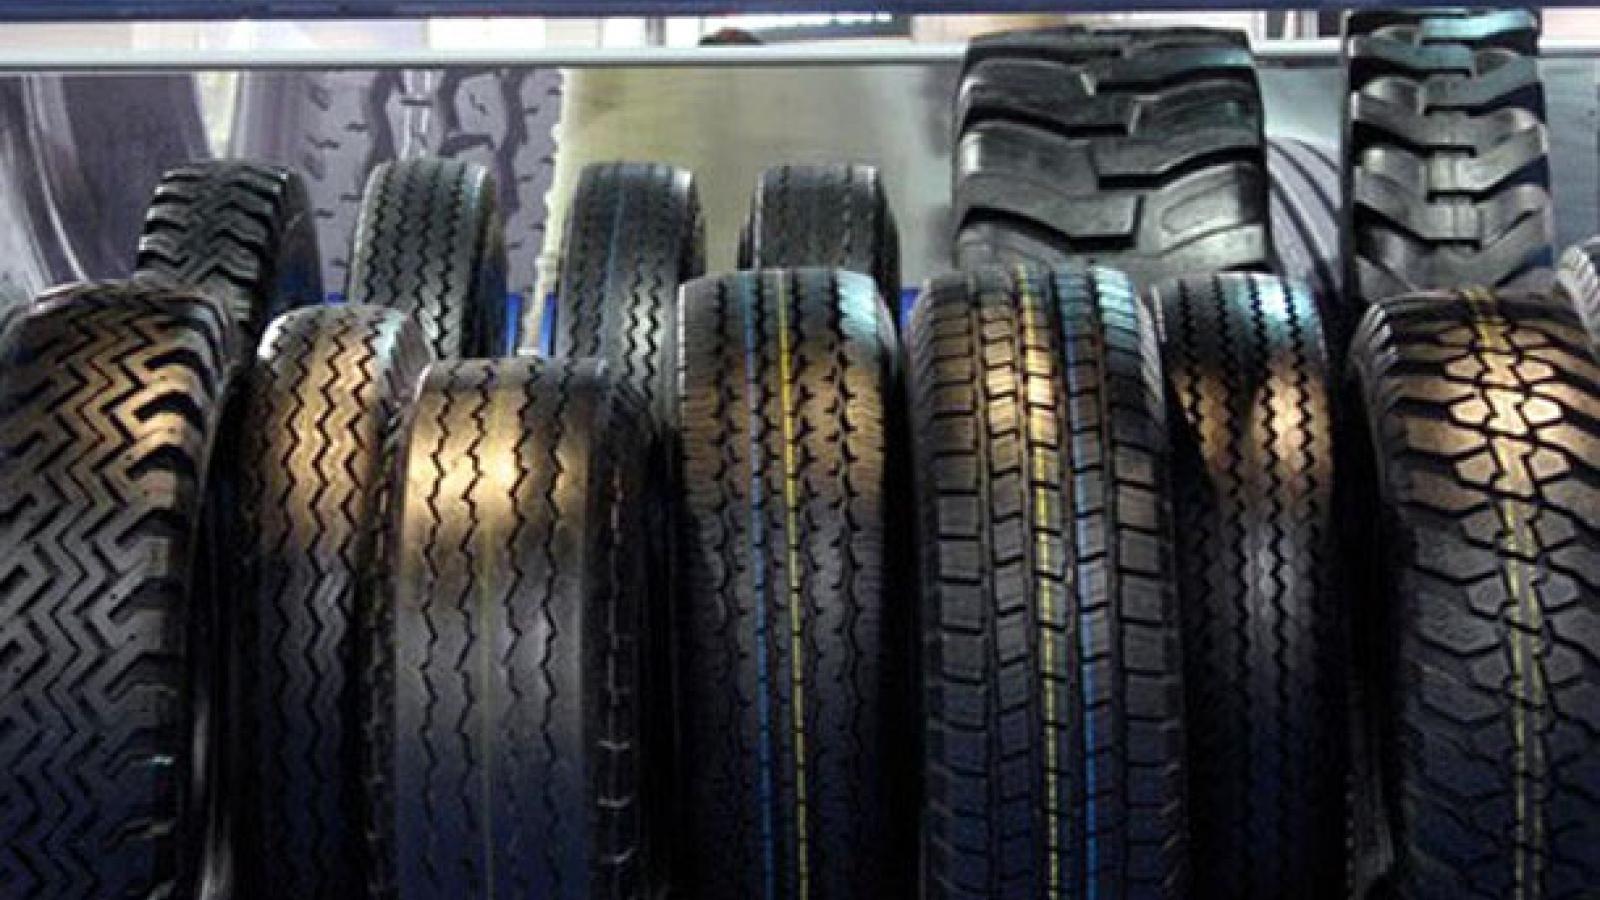 Mỹ điều tra chống trợ cấp sản phẩm lốp ô tô của Việt Nam